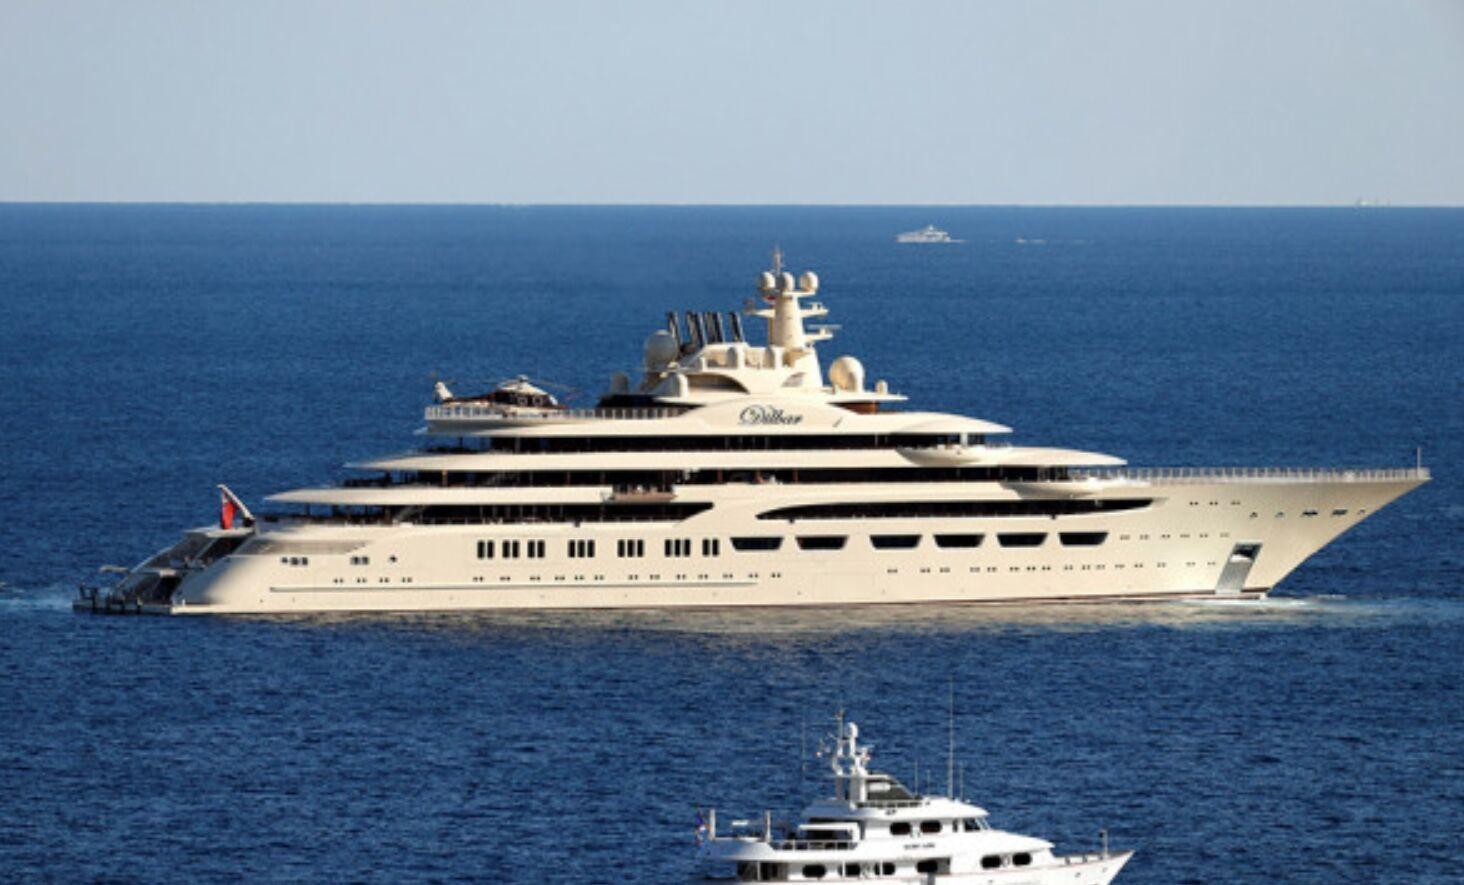 Усманов назвал свою яхту Dilbar в честь матери.